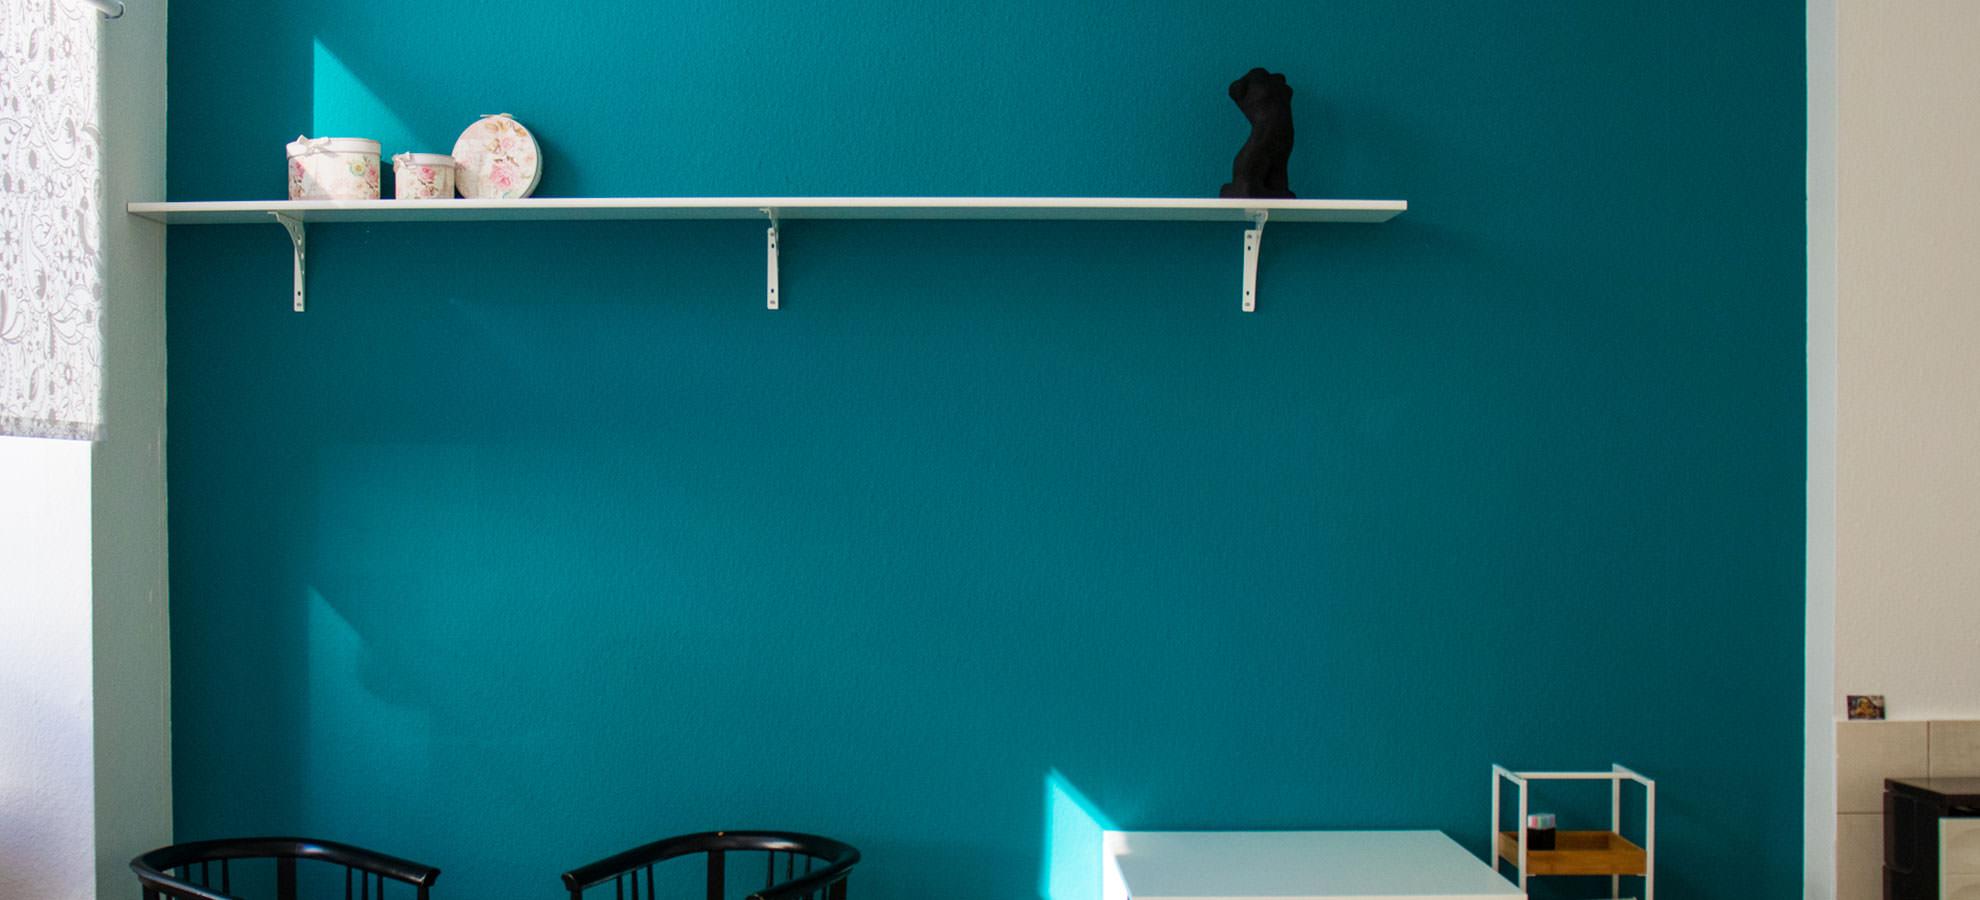 Kreativatelier Hahngasse - Blaue Wand